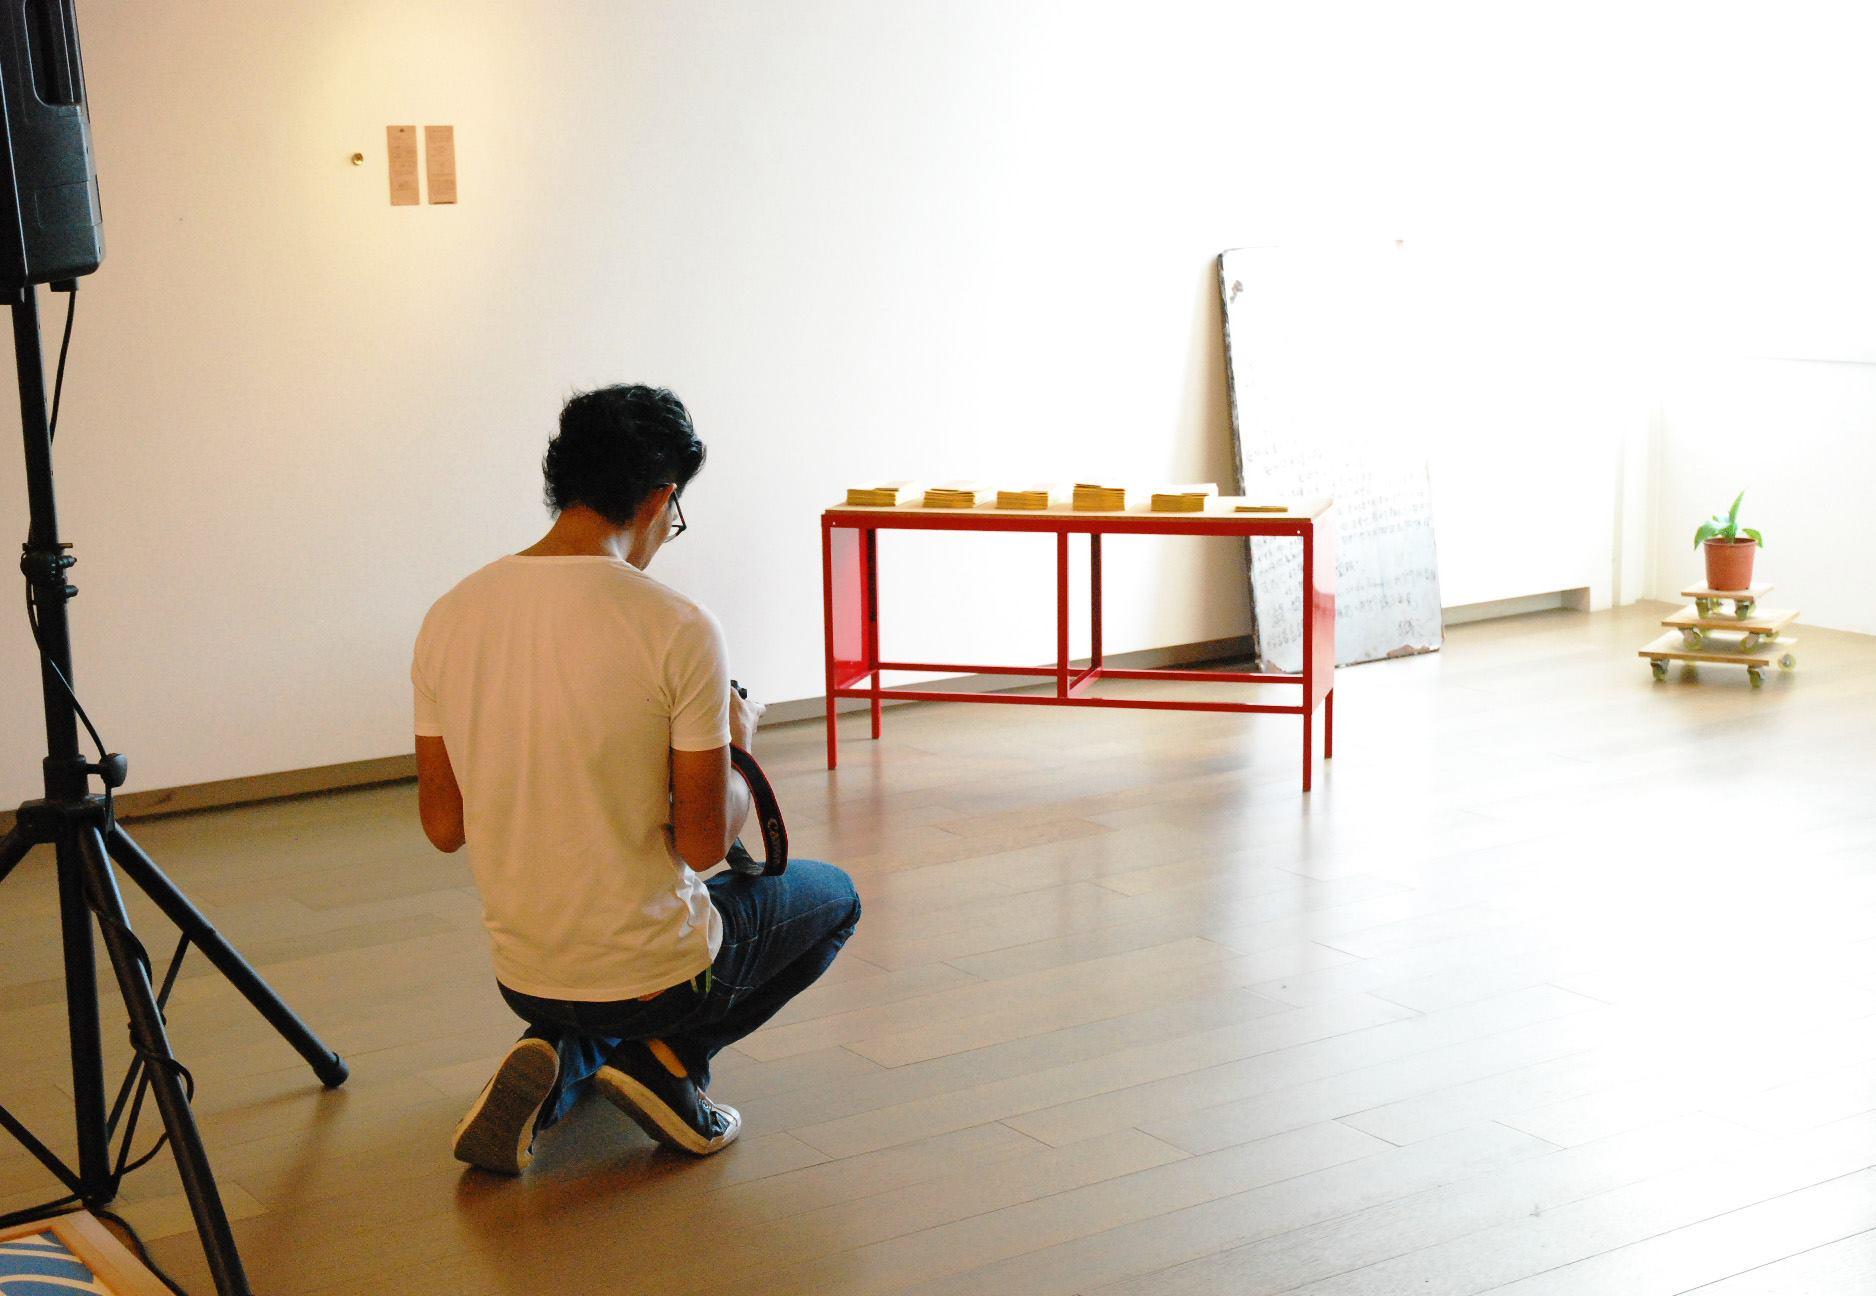 〈誠品畫廊 25 週年特展─青春〉黃博志 及其作品《偷書小卡》